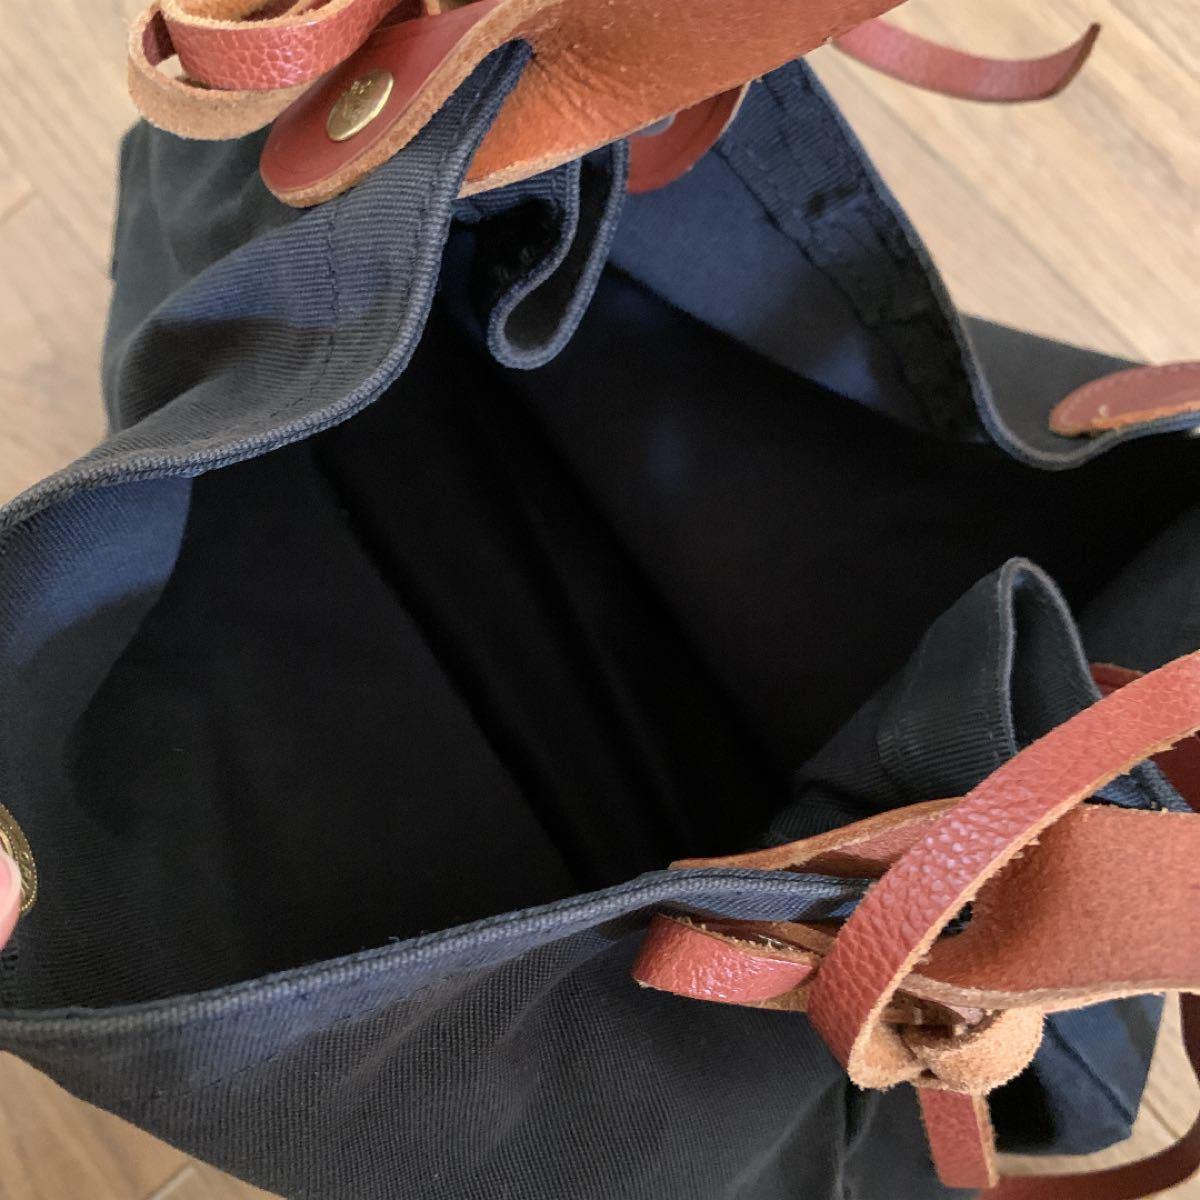 トートバッグ ショルダーバッグ★イルビゾンテ★帆布トートバッグ★黒★横幅約28cm